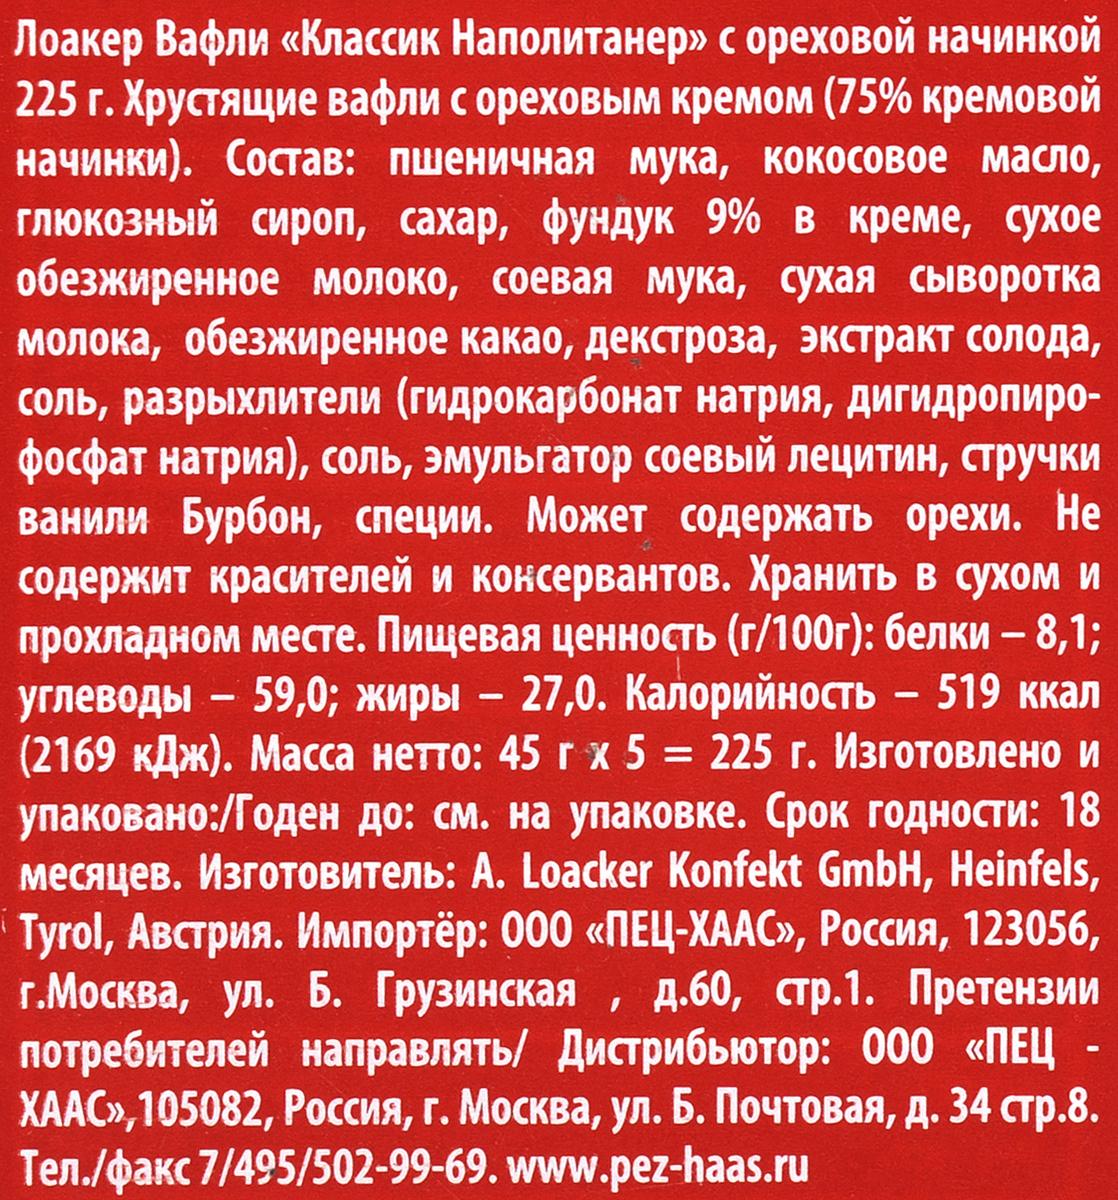 """Loacker """"Наполитанер"""" вафли, 225 г"""